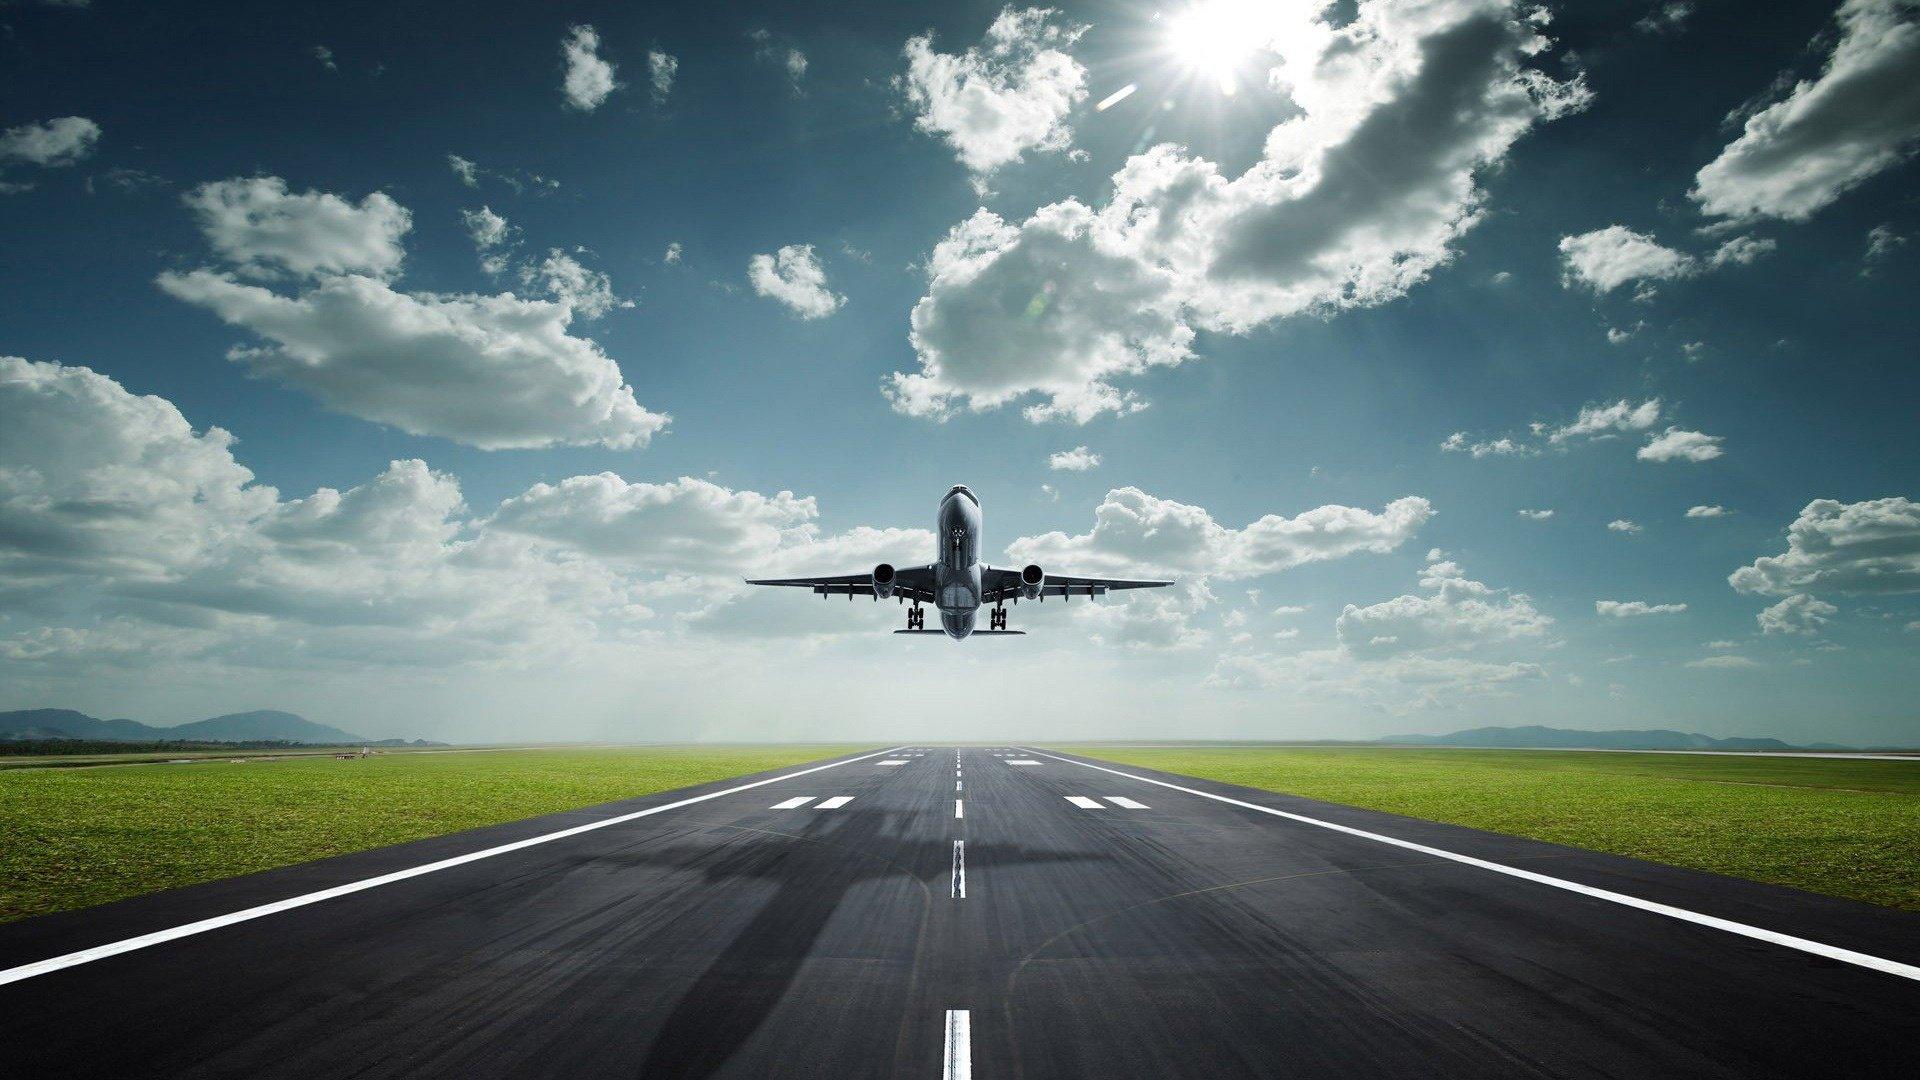 Аэропорт Ганновера закрыли из-за аномальной жары